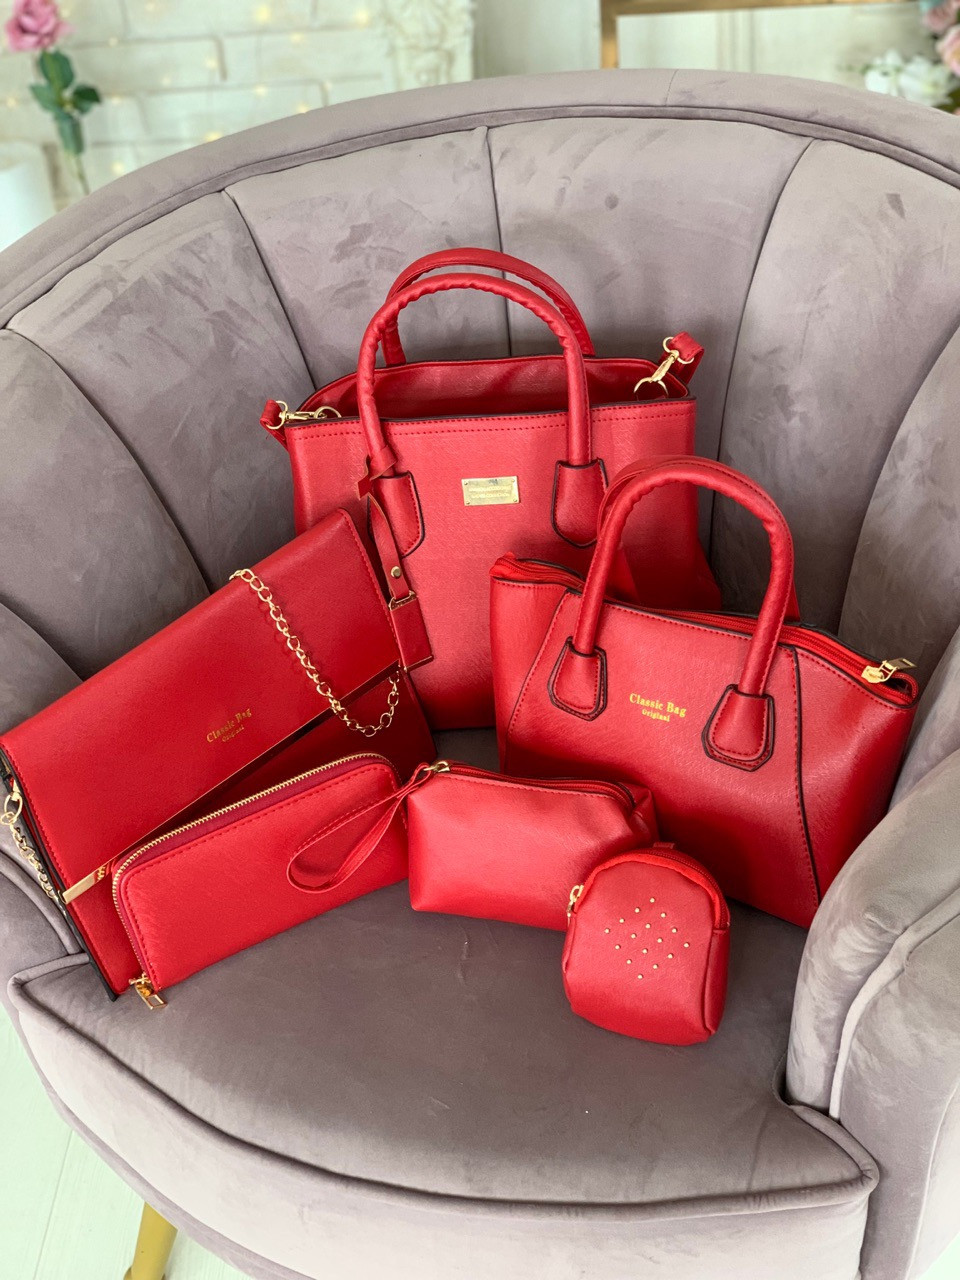 Женская сумка 6 в 1 эко кожа PU чёрный красный синий молочный